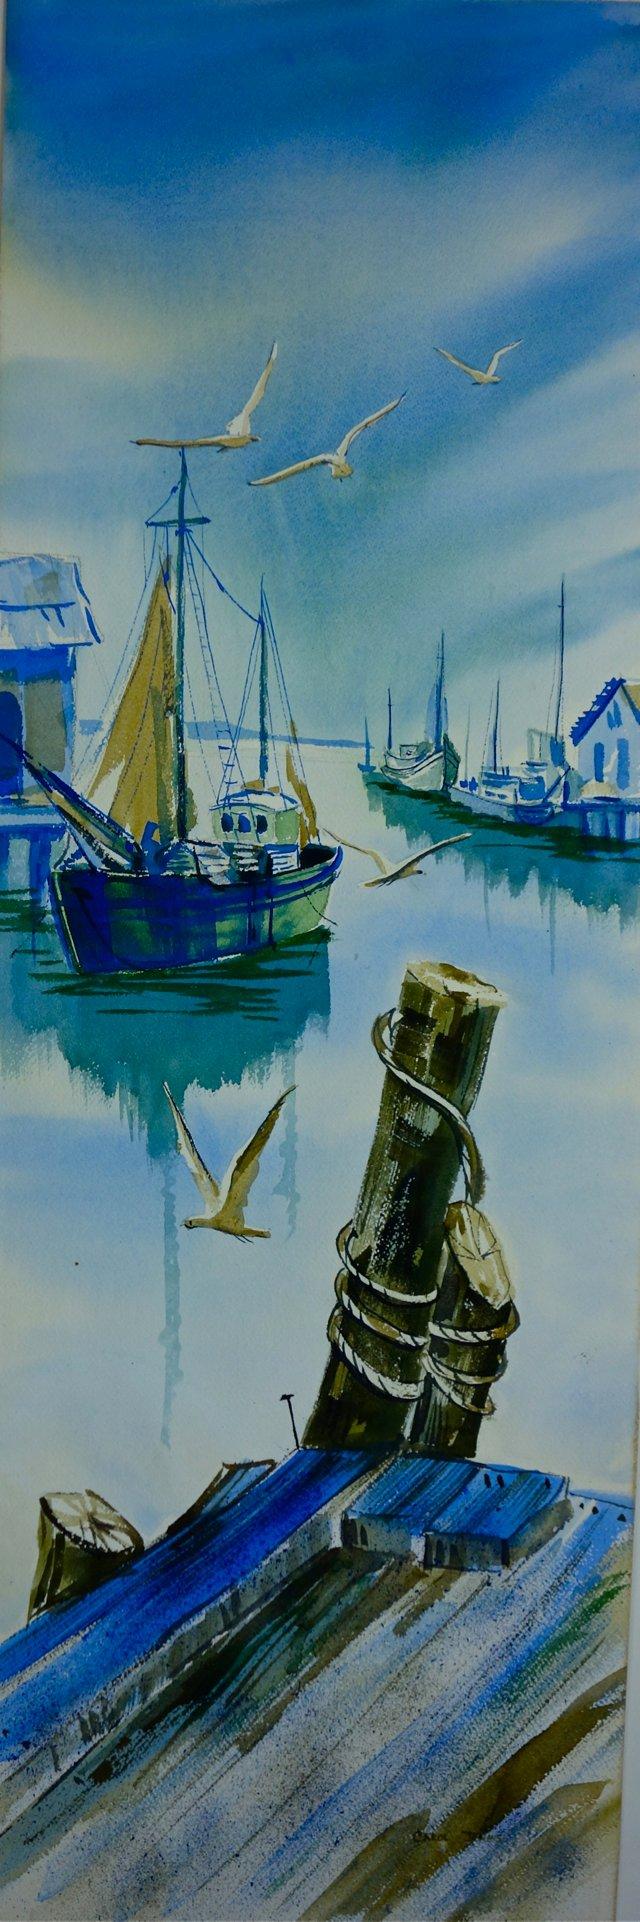 Watercolor by Carol Pyle Jones